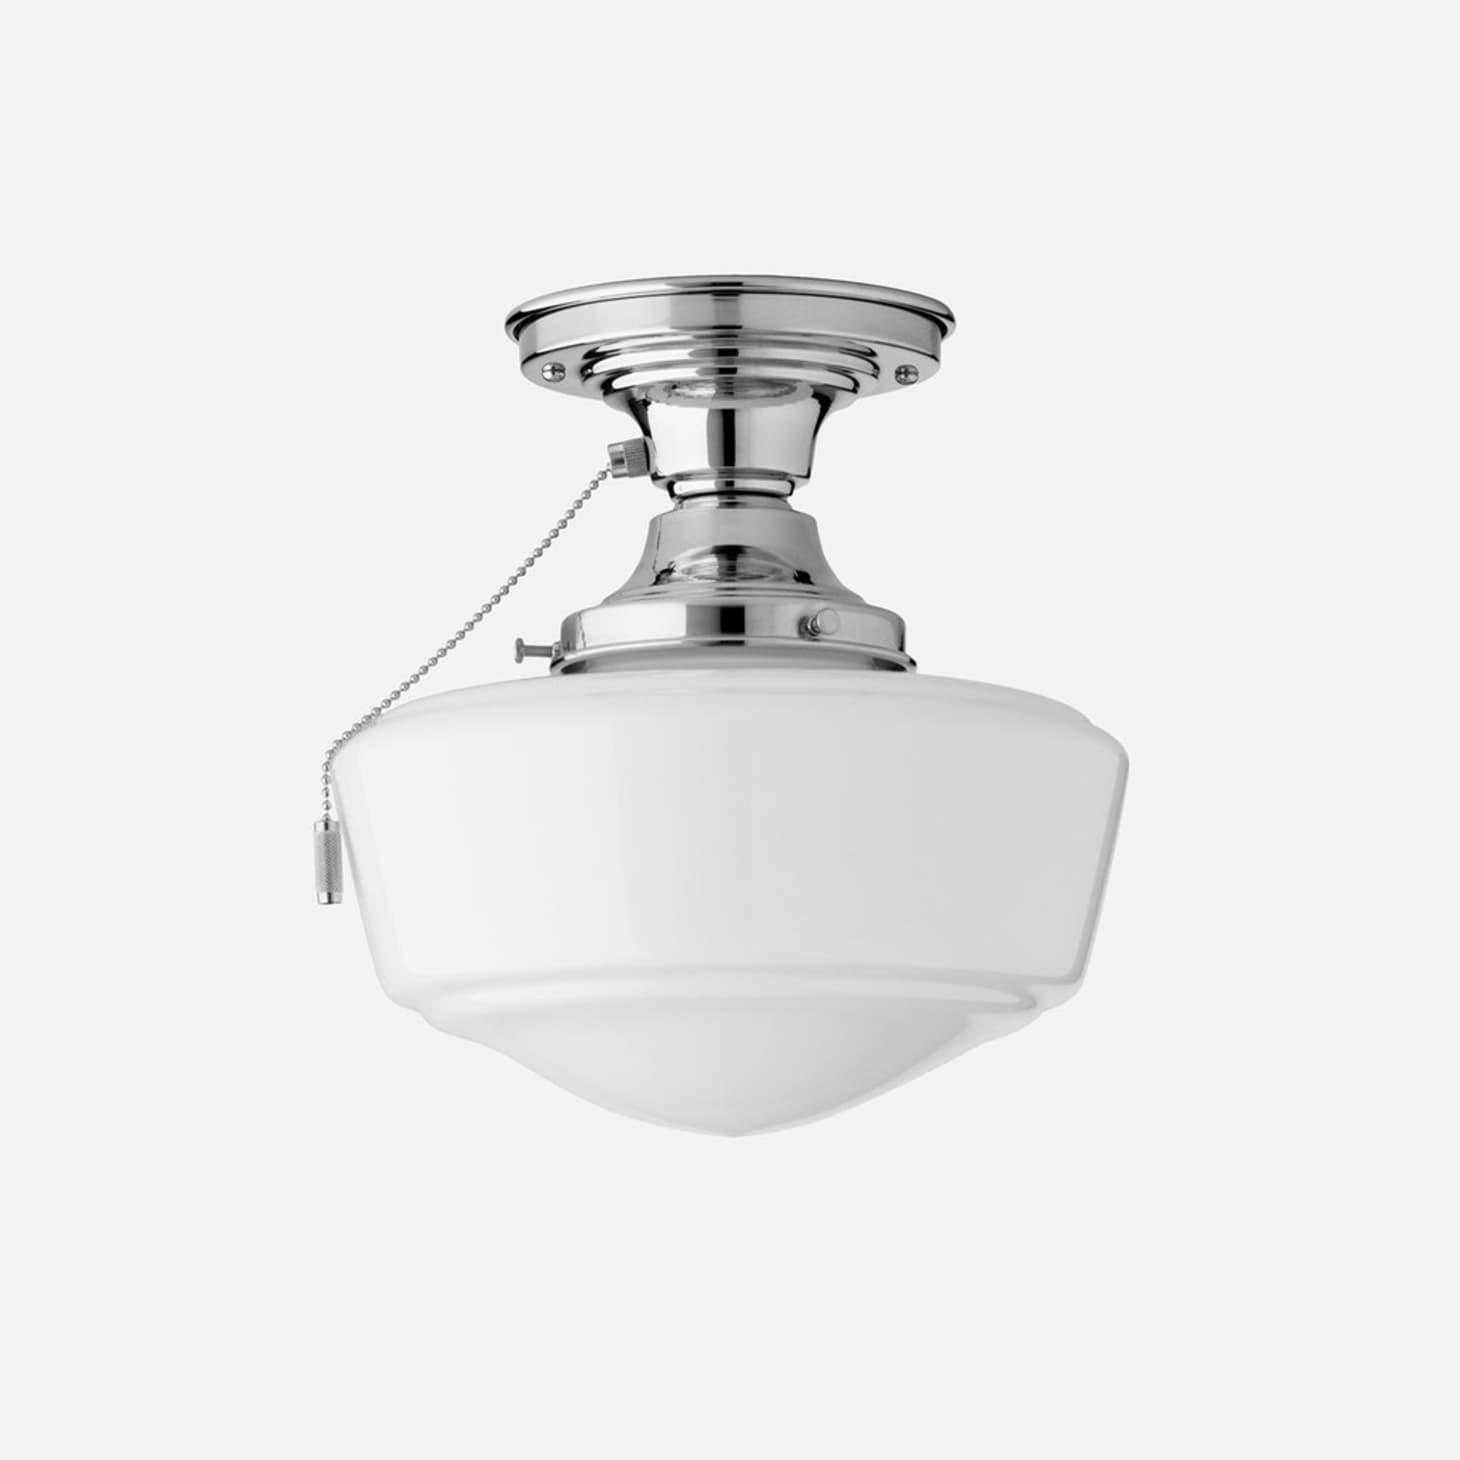 Best Ceiling Light: Shopping Guide: Best Modern Flush-Mount Ceiling Light